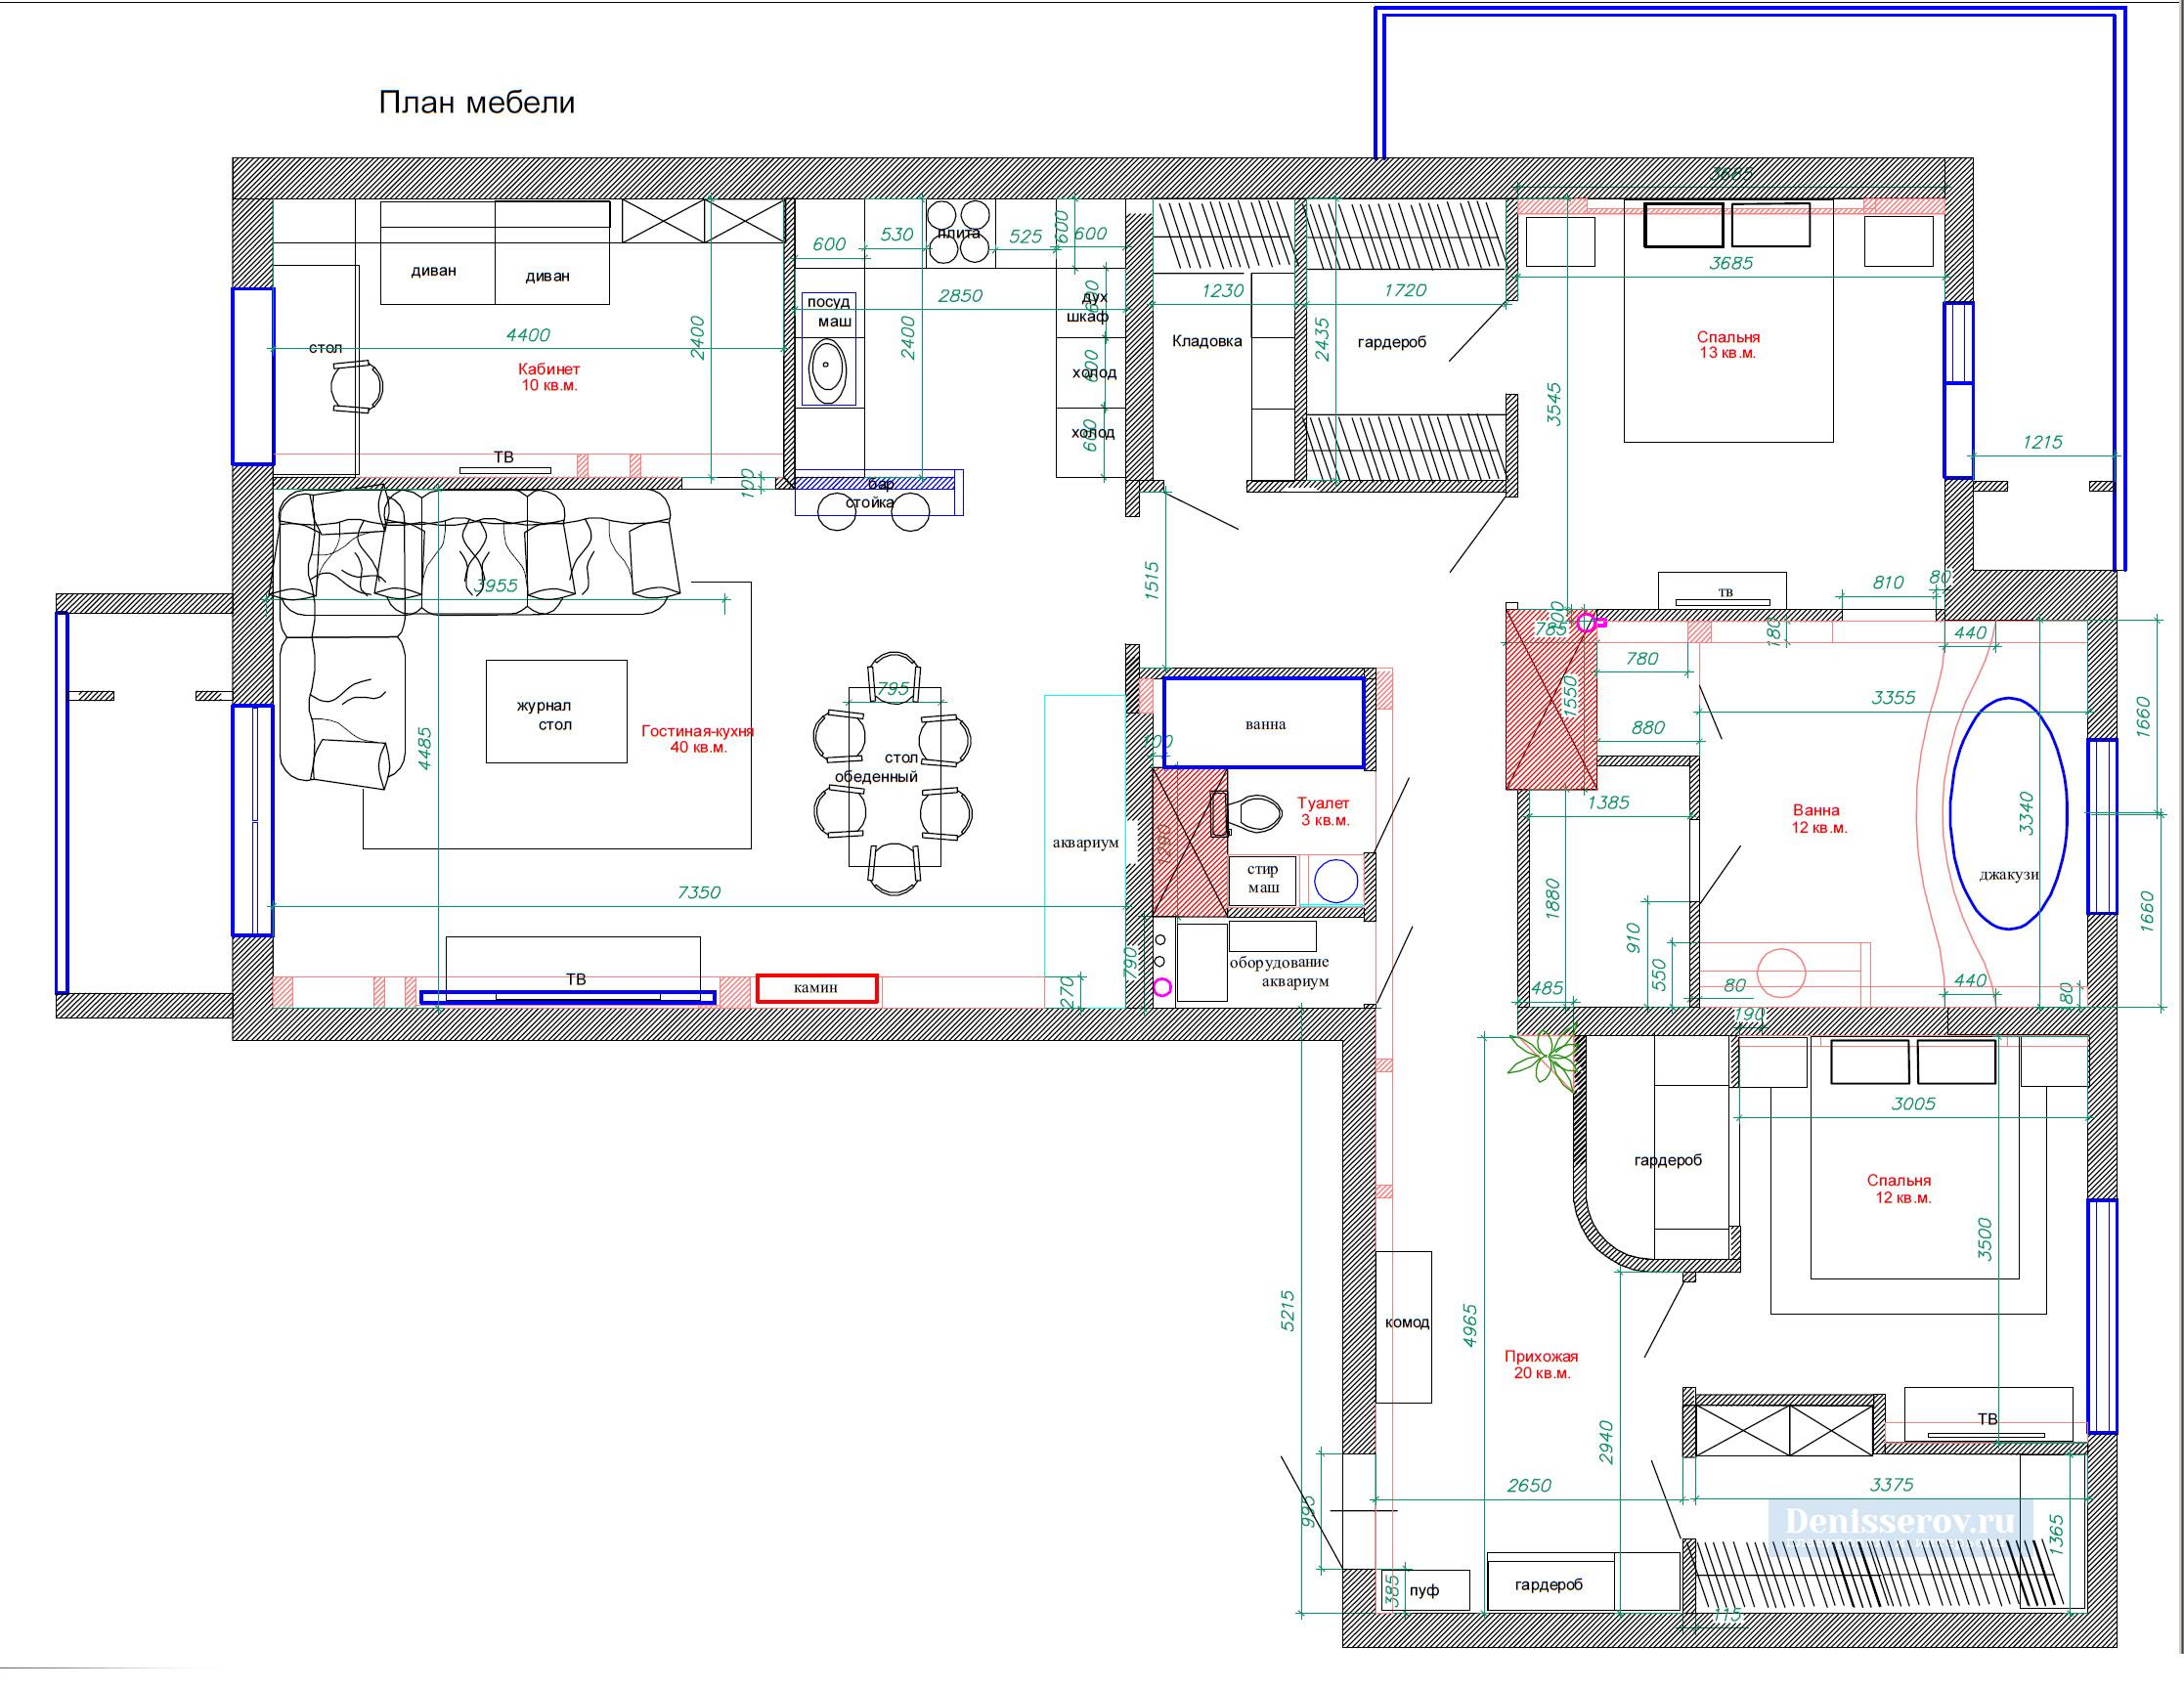 планировка 3 комнатной квартиры 140 кв.м.